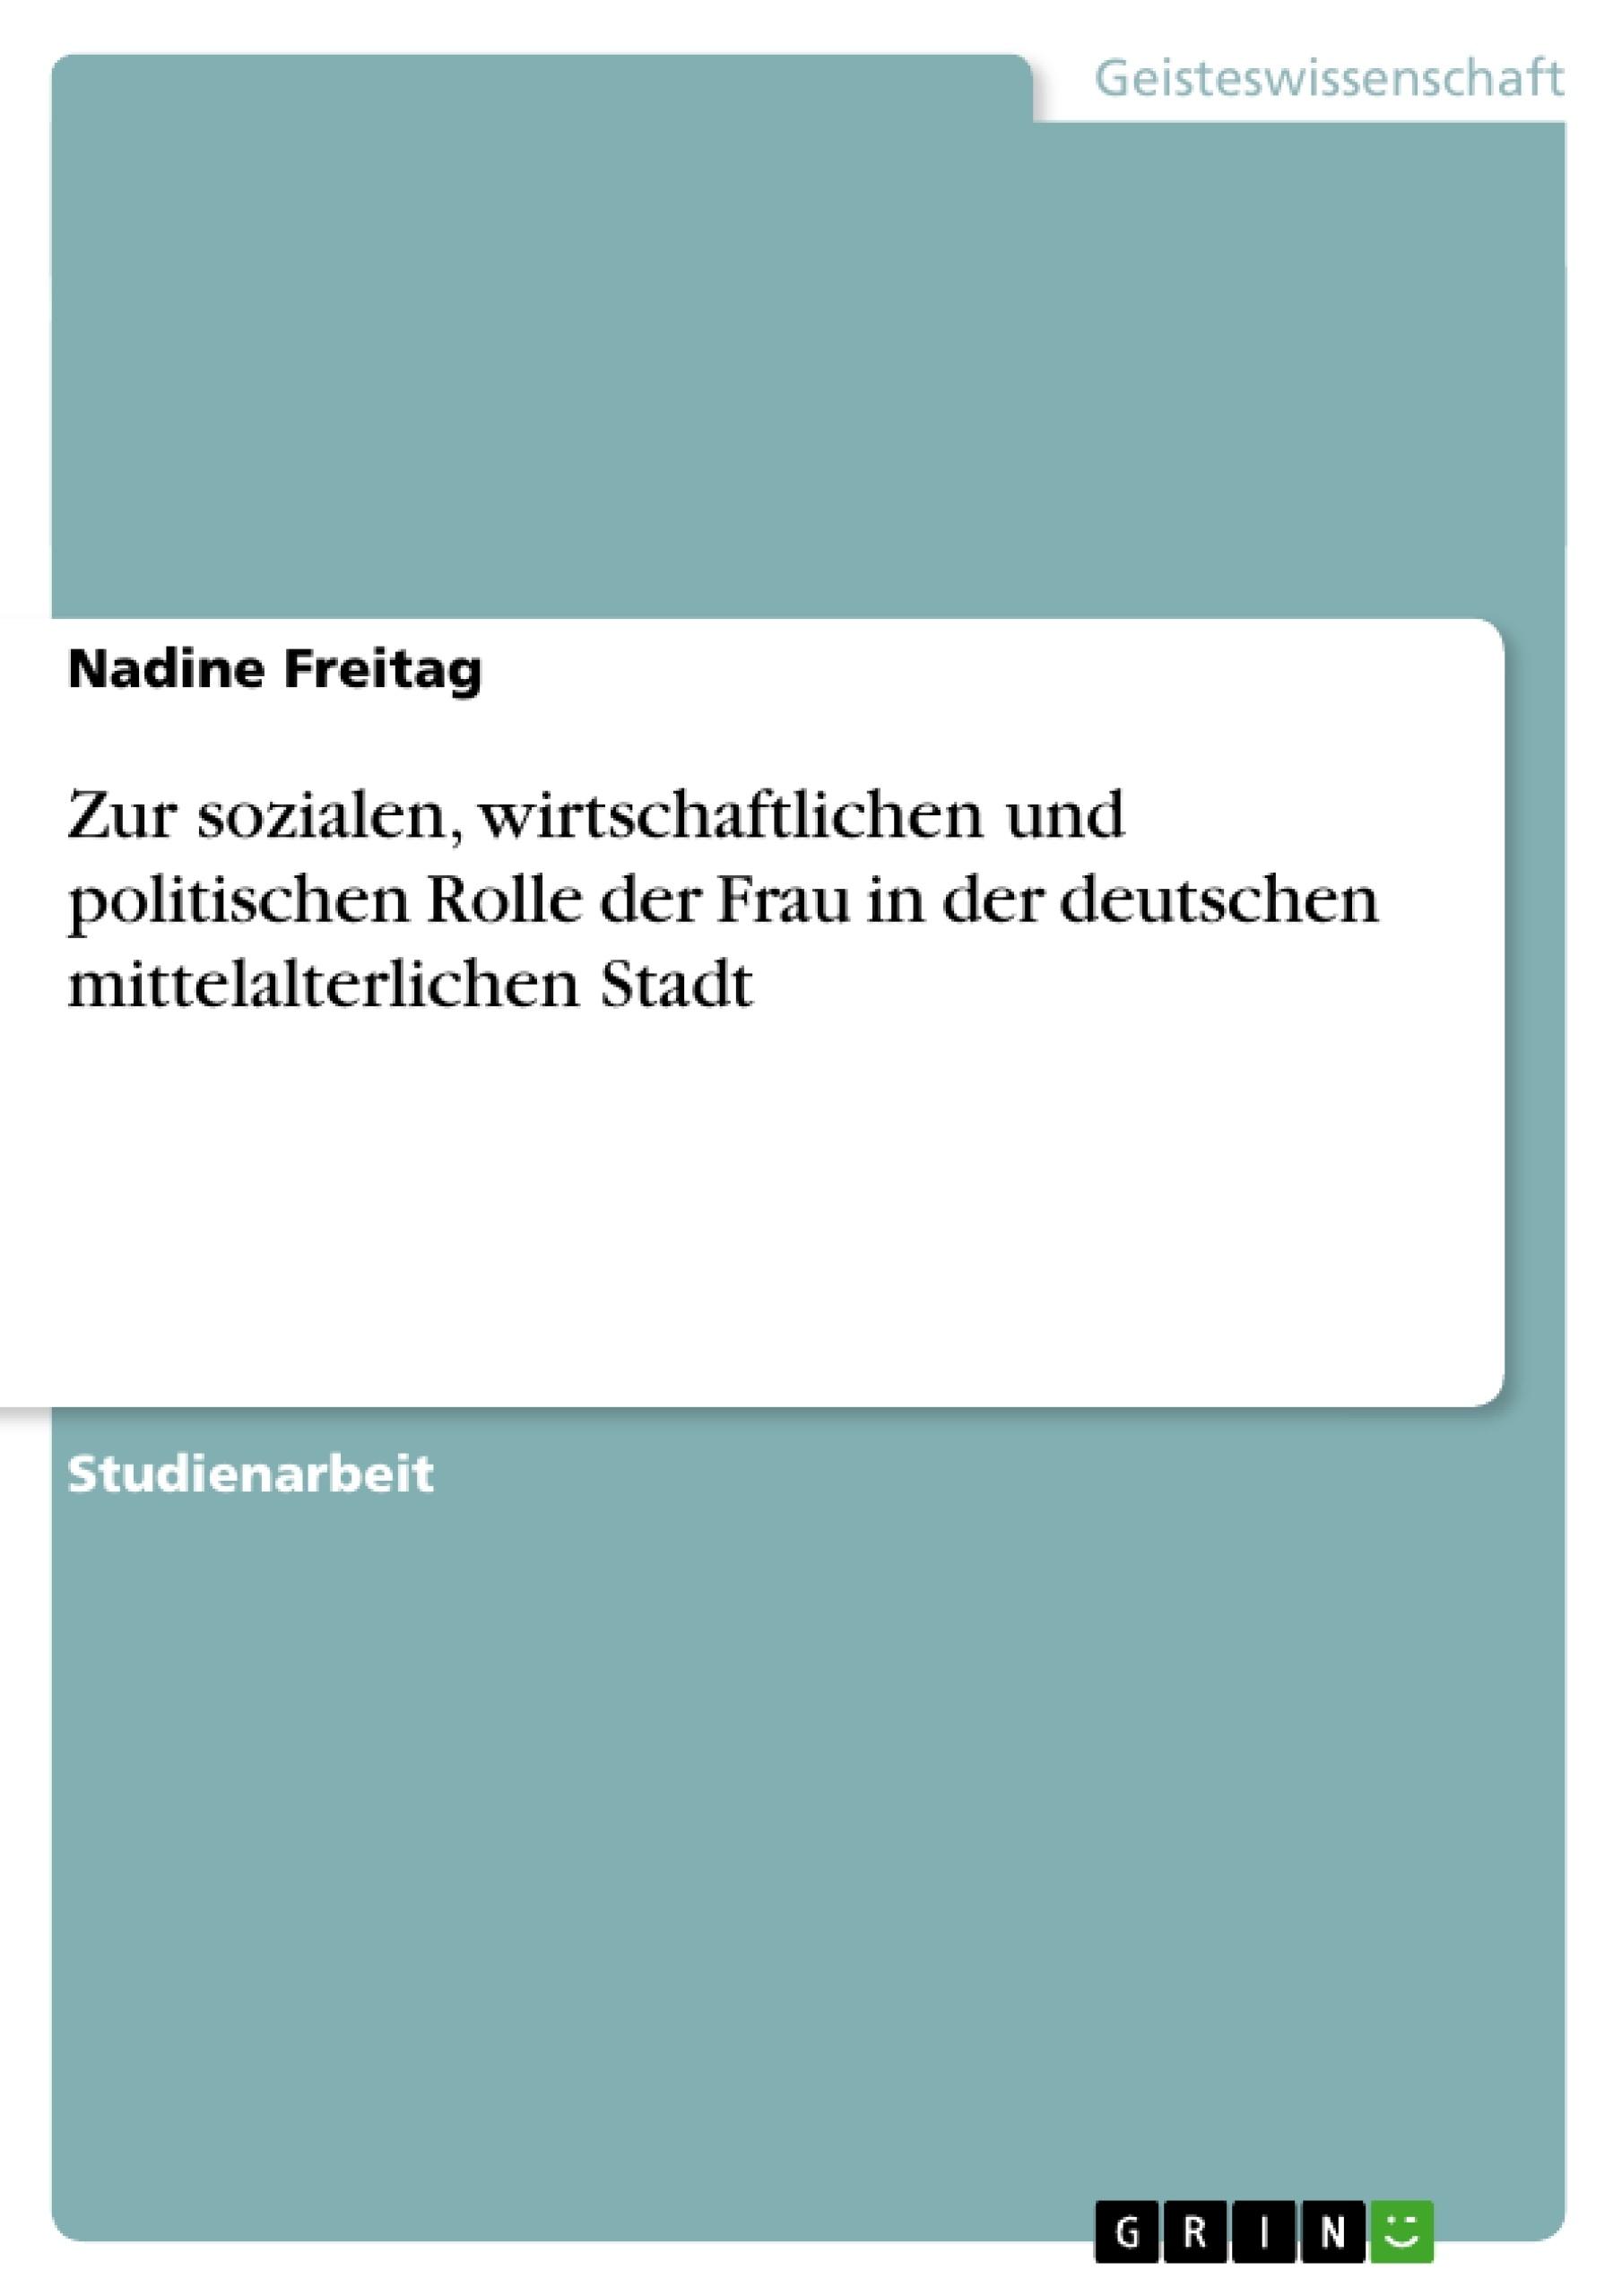 Titel: Zur sozialen, wirtschaftlichen und politischen Rolle der Frau in der deutschen mittelalterlichen Stadt